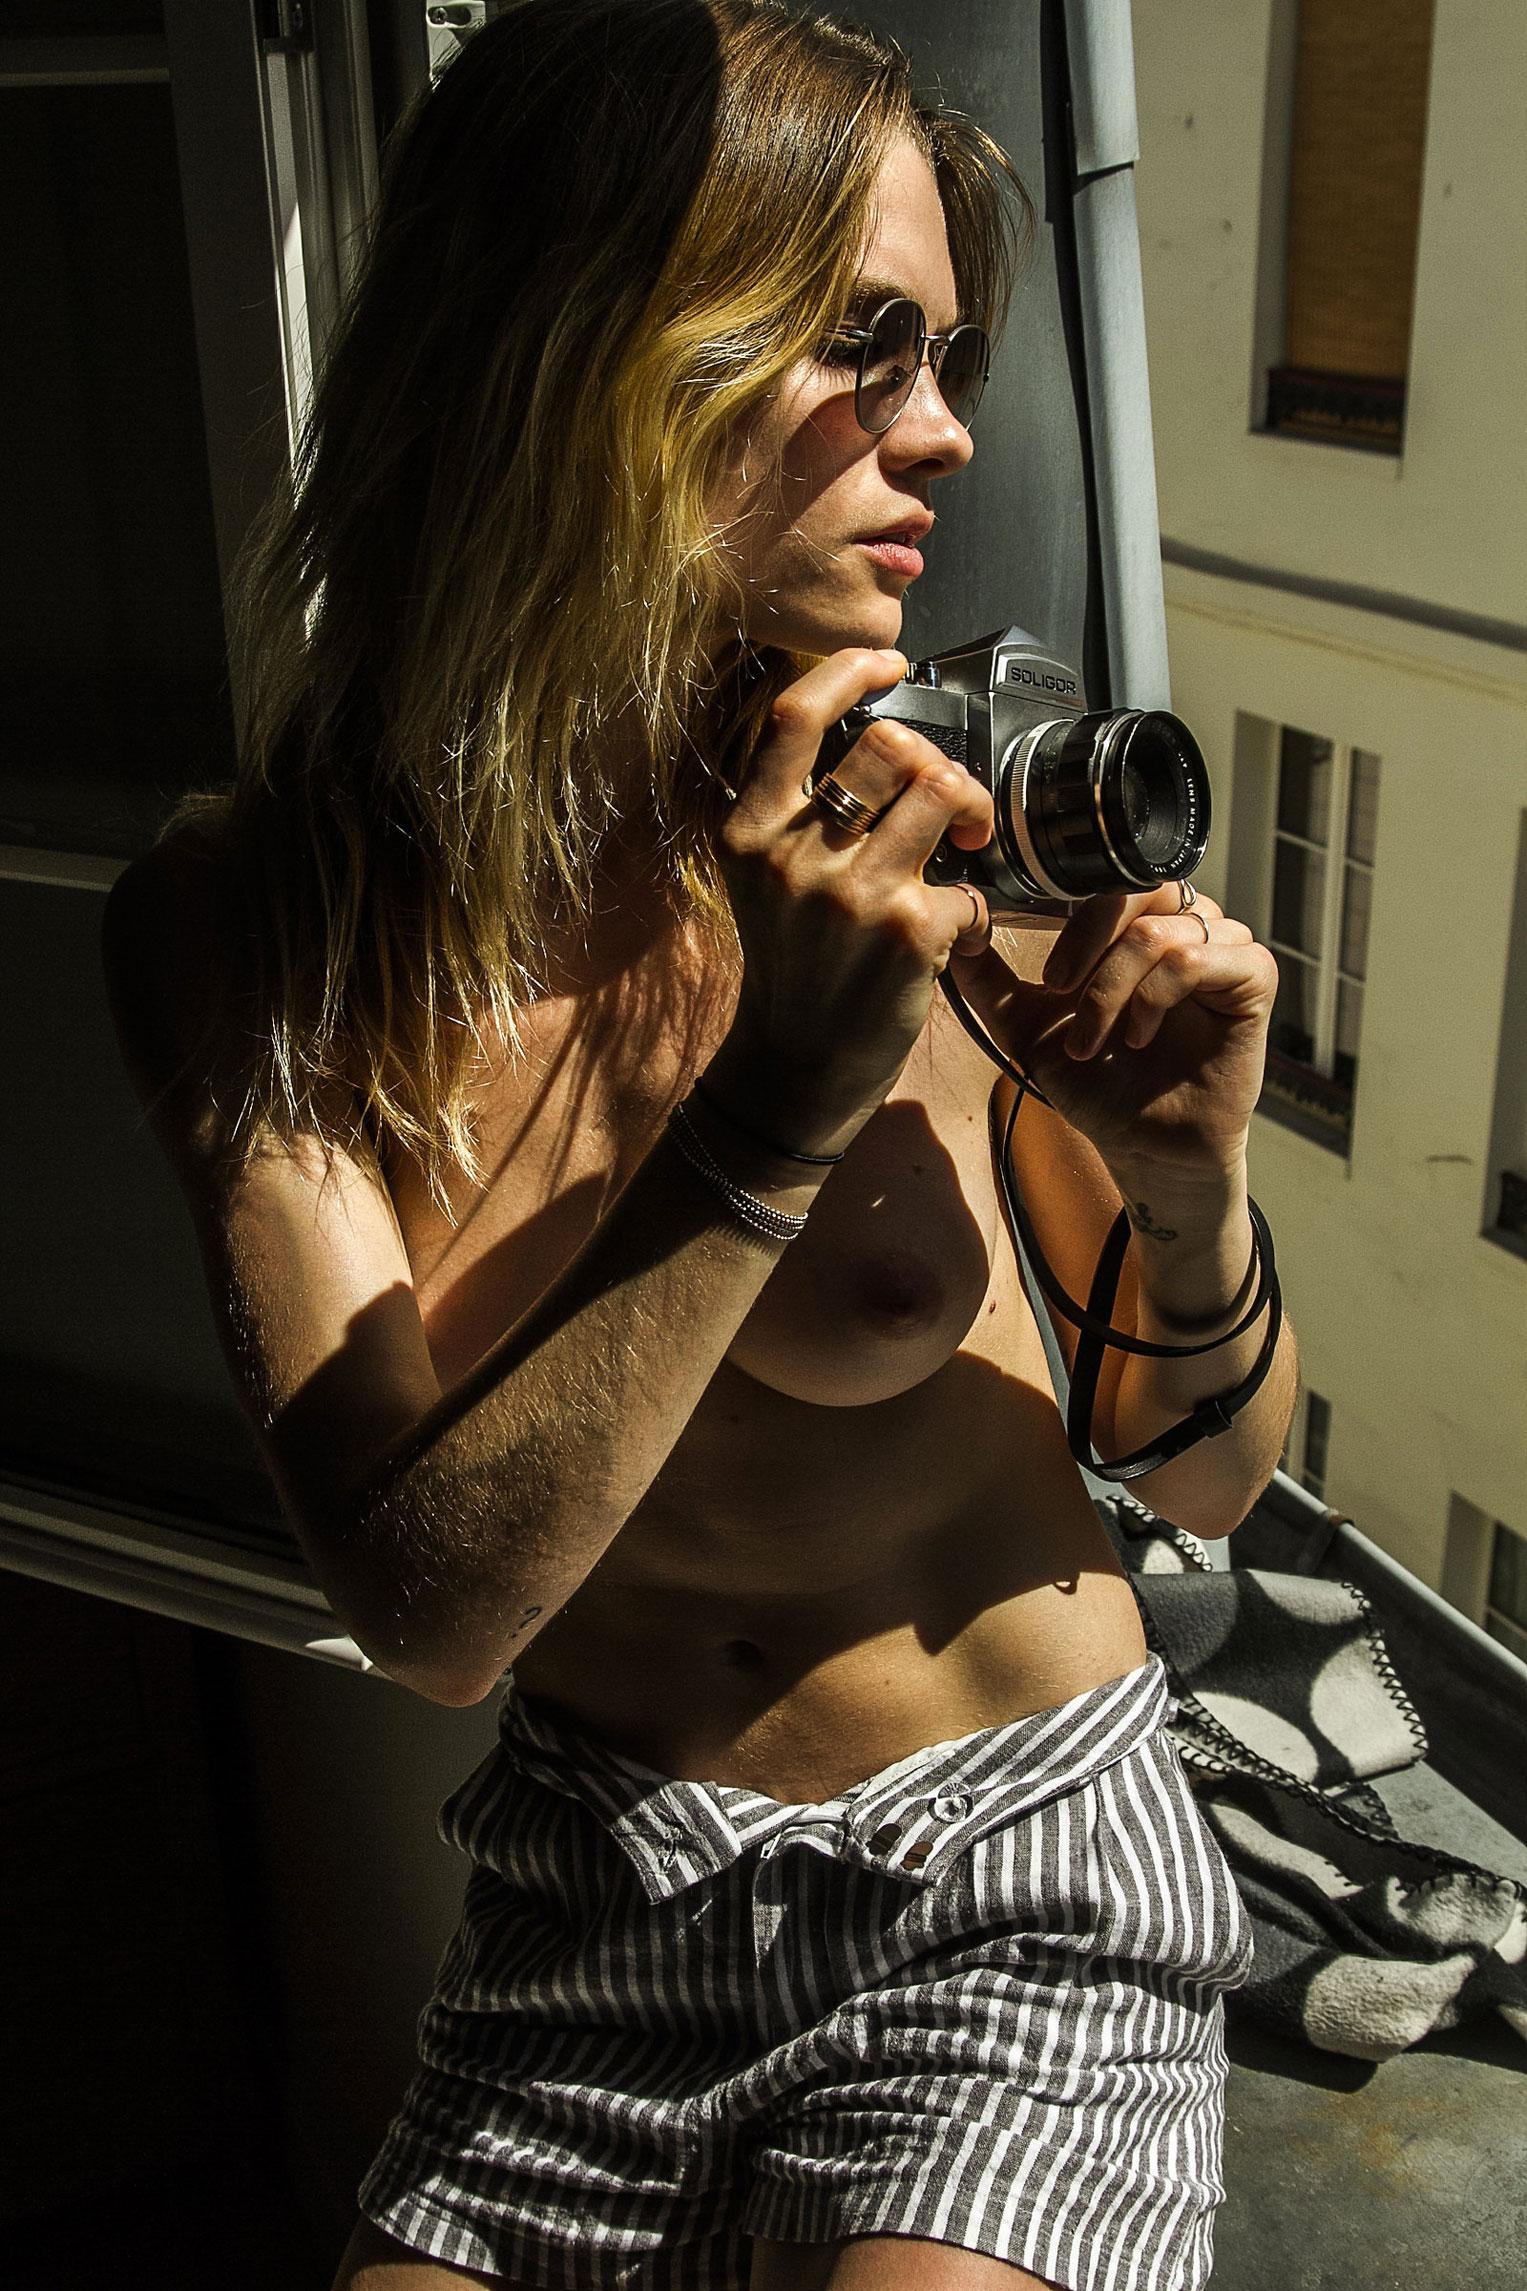 фото сексуального фотографа